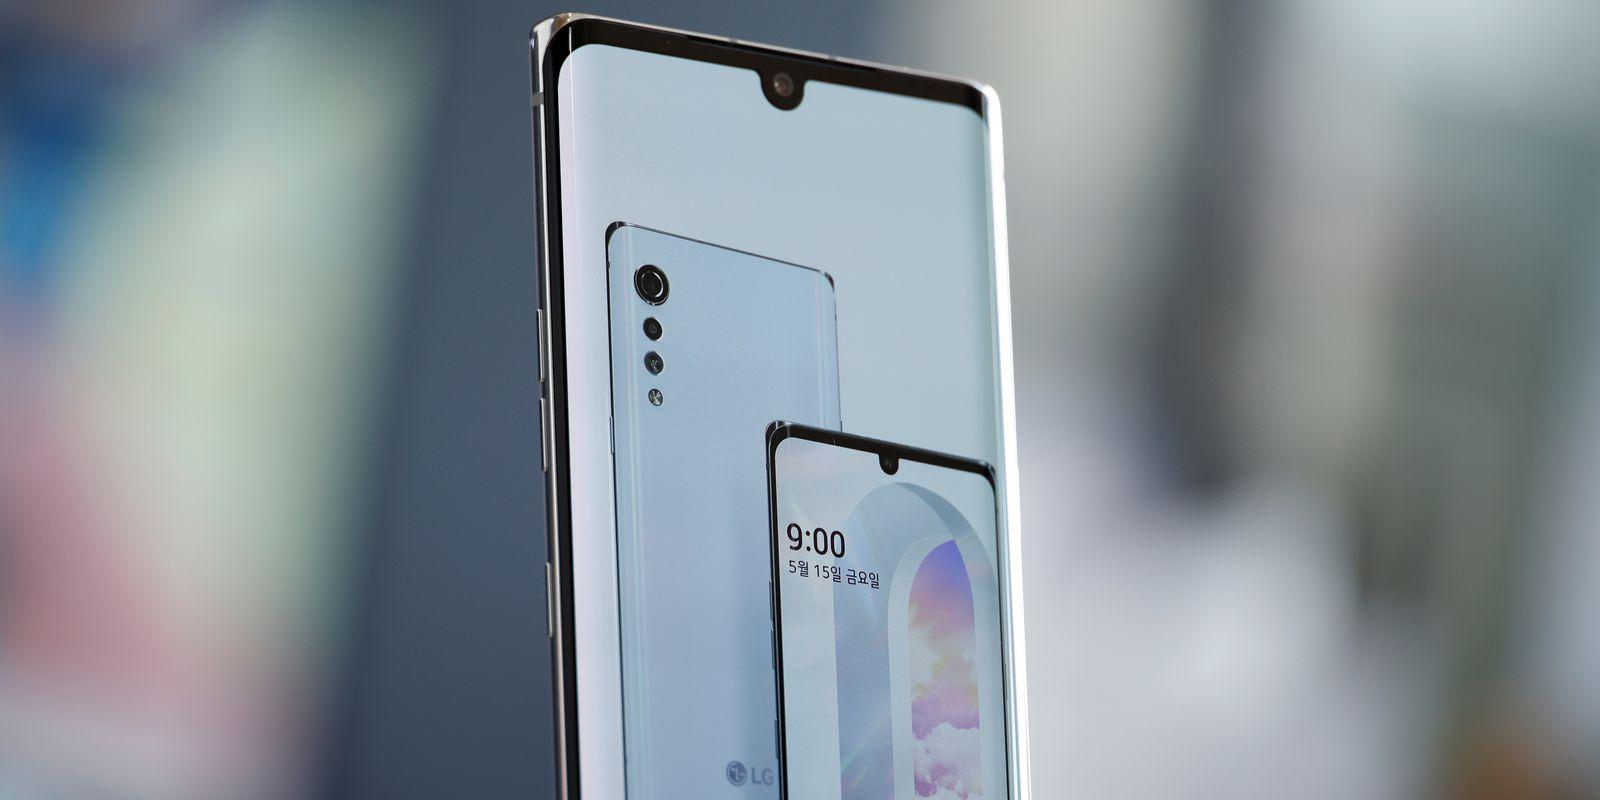 Smartphone LG Velvet, da LG Electronics